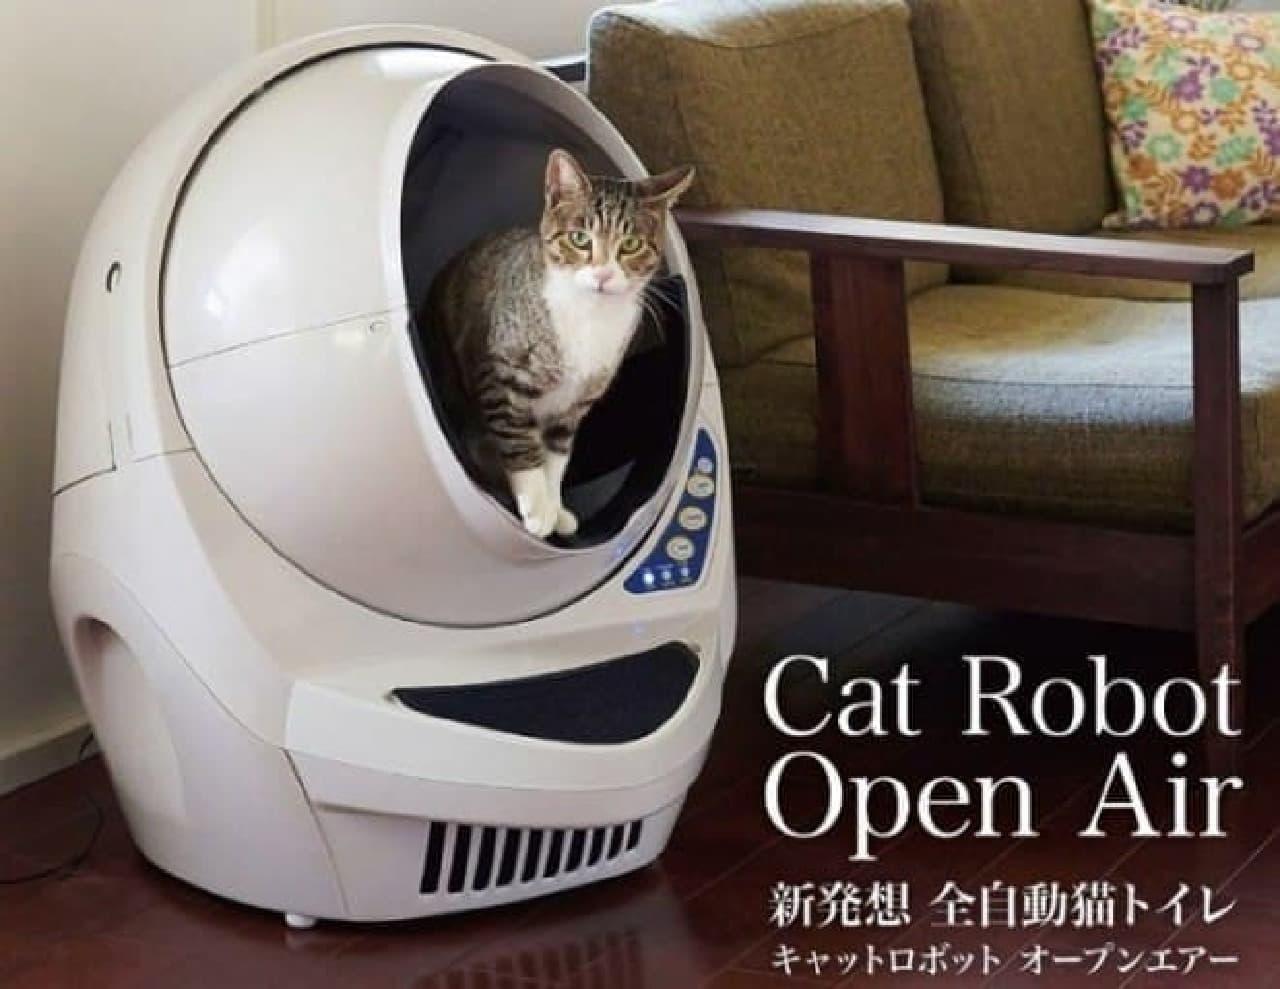 ネコ用トイレ「キャットロボット Open Air」販売開始